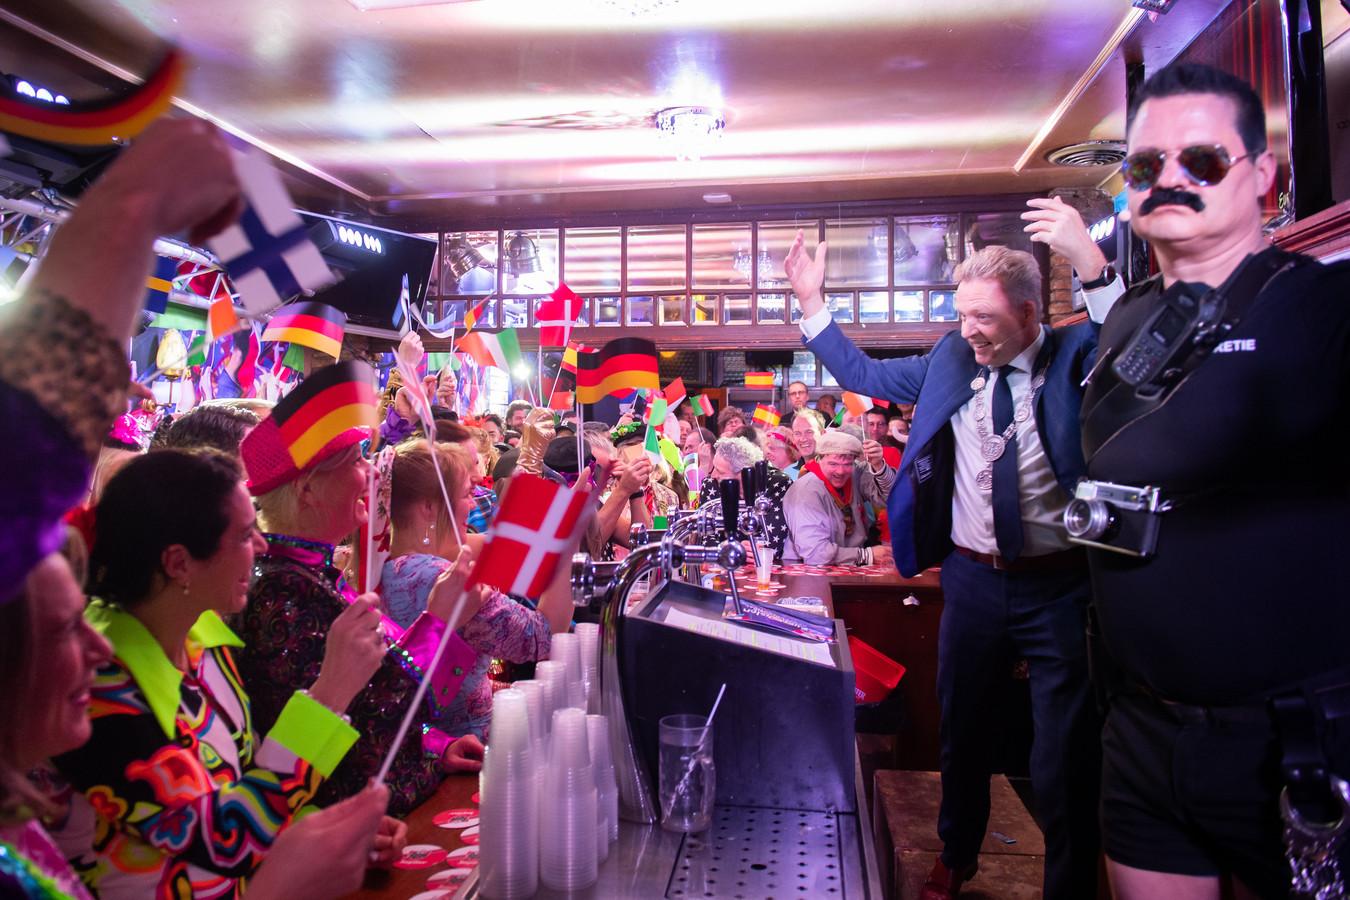 De opening van het Klapperen gebeurt in Eurovisie Songfestival stijl inclusief vlaggetjes. Burgemeester Mark Buijs komt op met beveiliging.